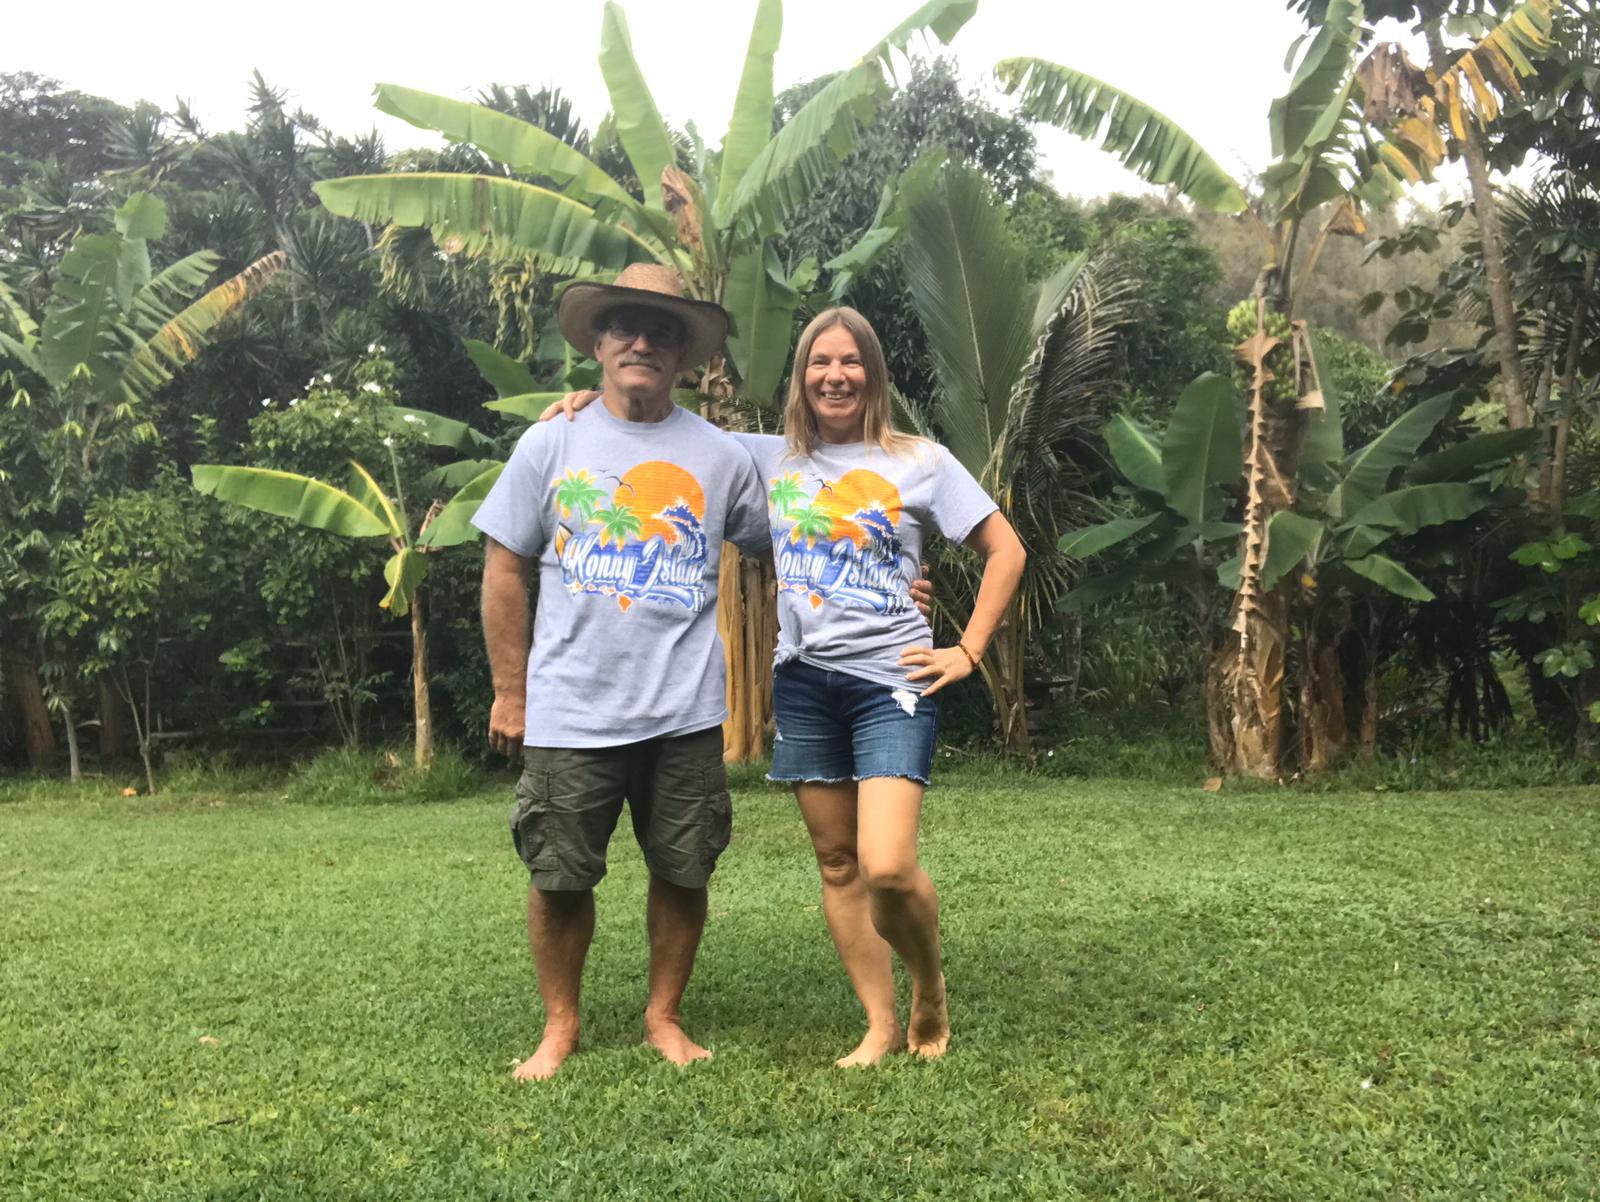 Konny Island Hawaii